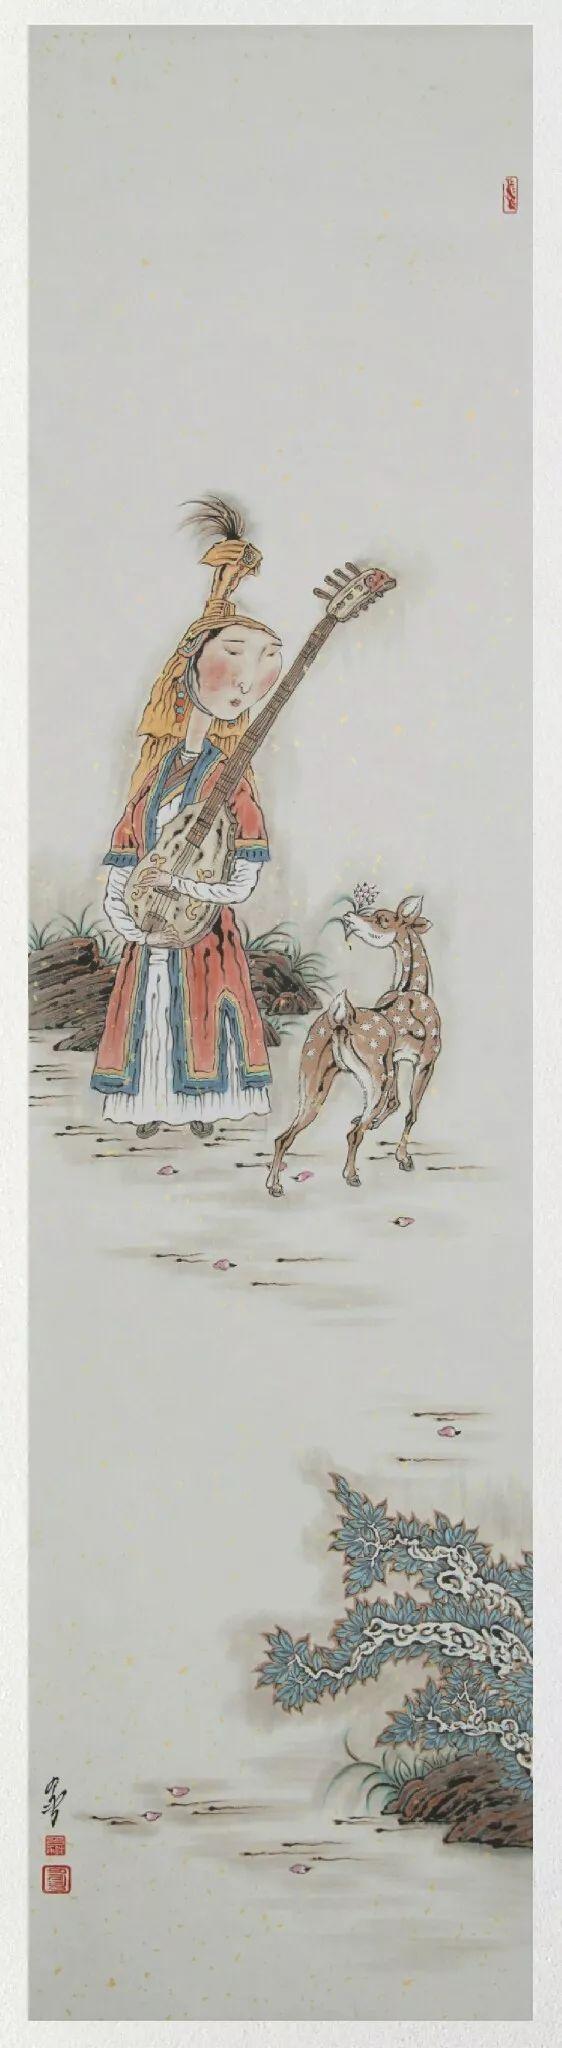 内蒙古当代美术家系列——白嘎力中国画作品选 第24张